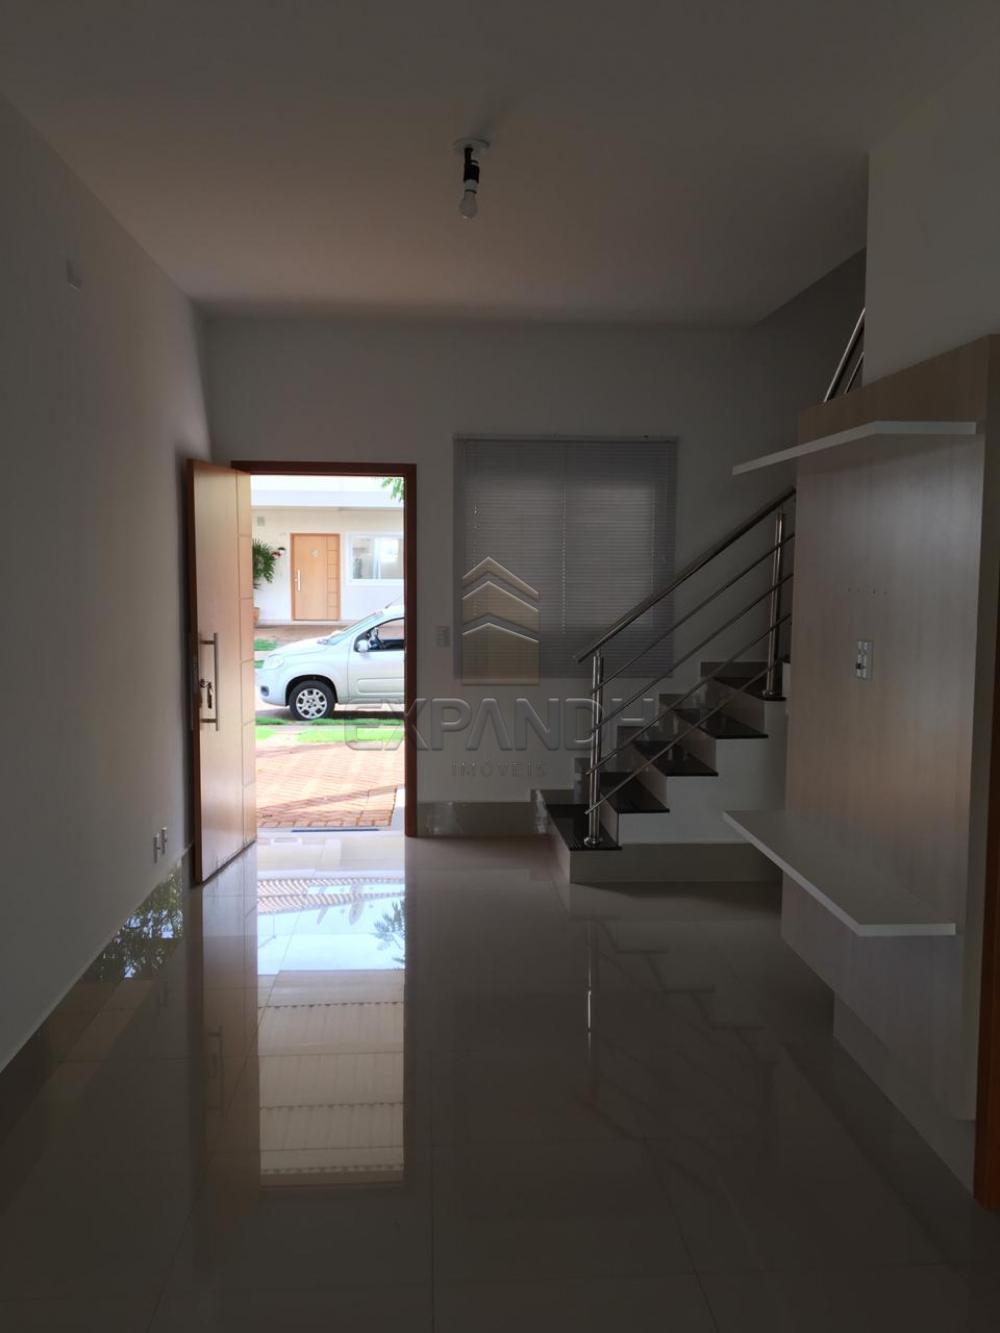 Alugar Casas / Condomínio em Sertãozinho R$ 1.200,00 - Foto 11